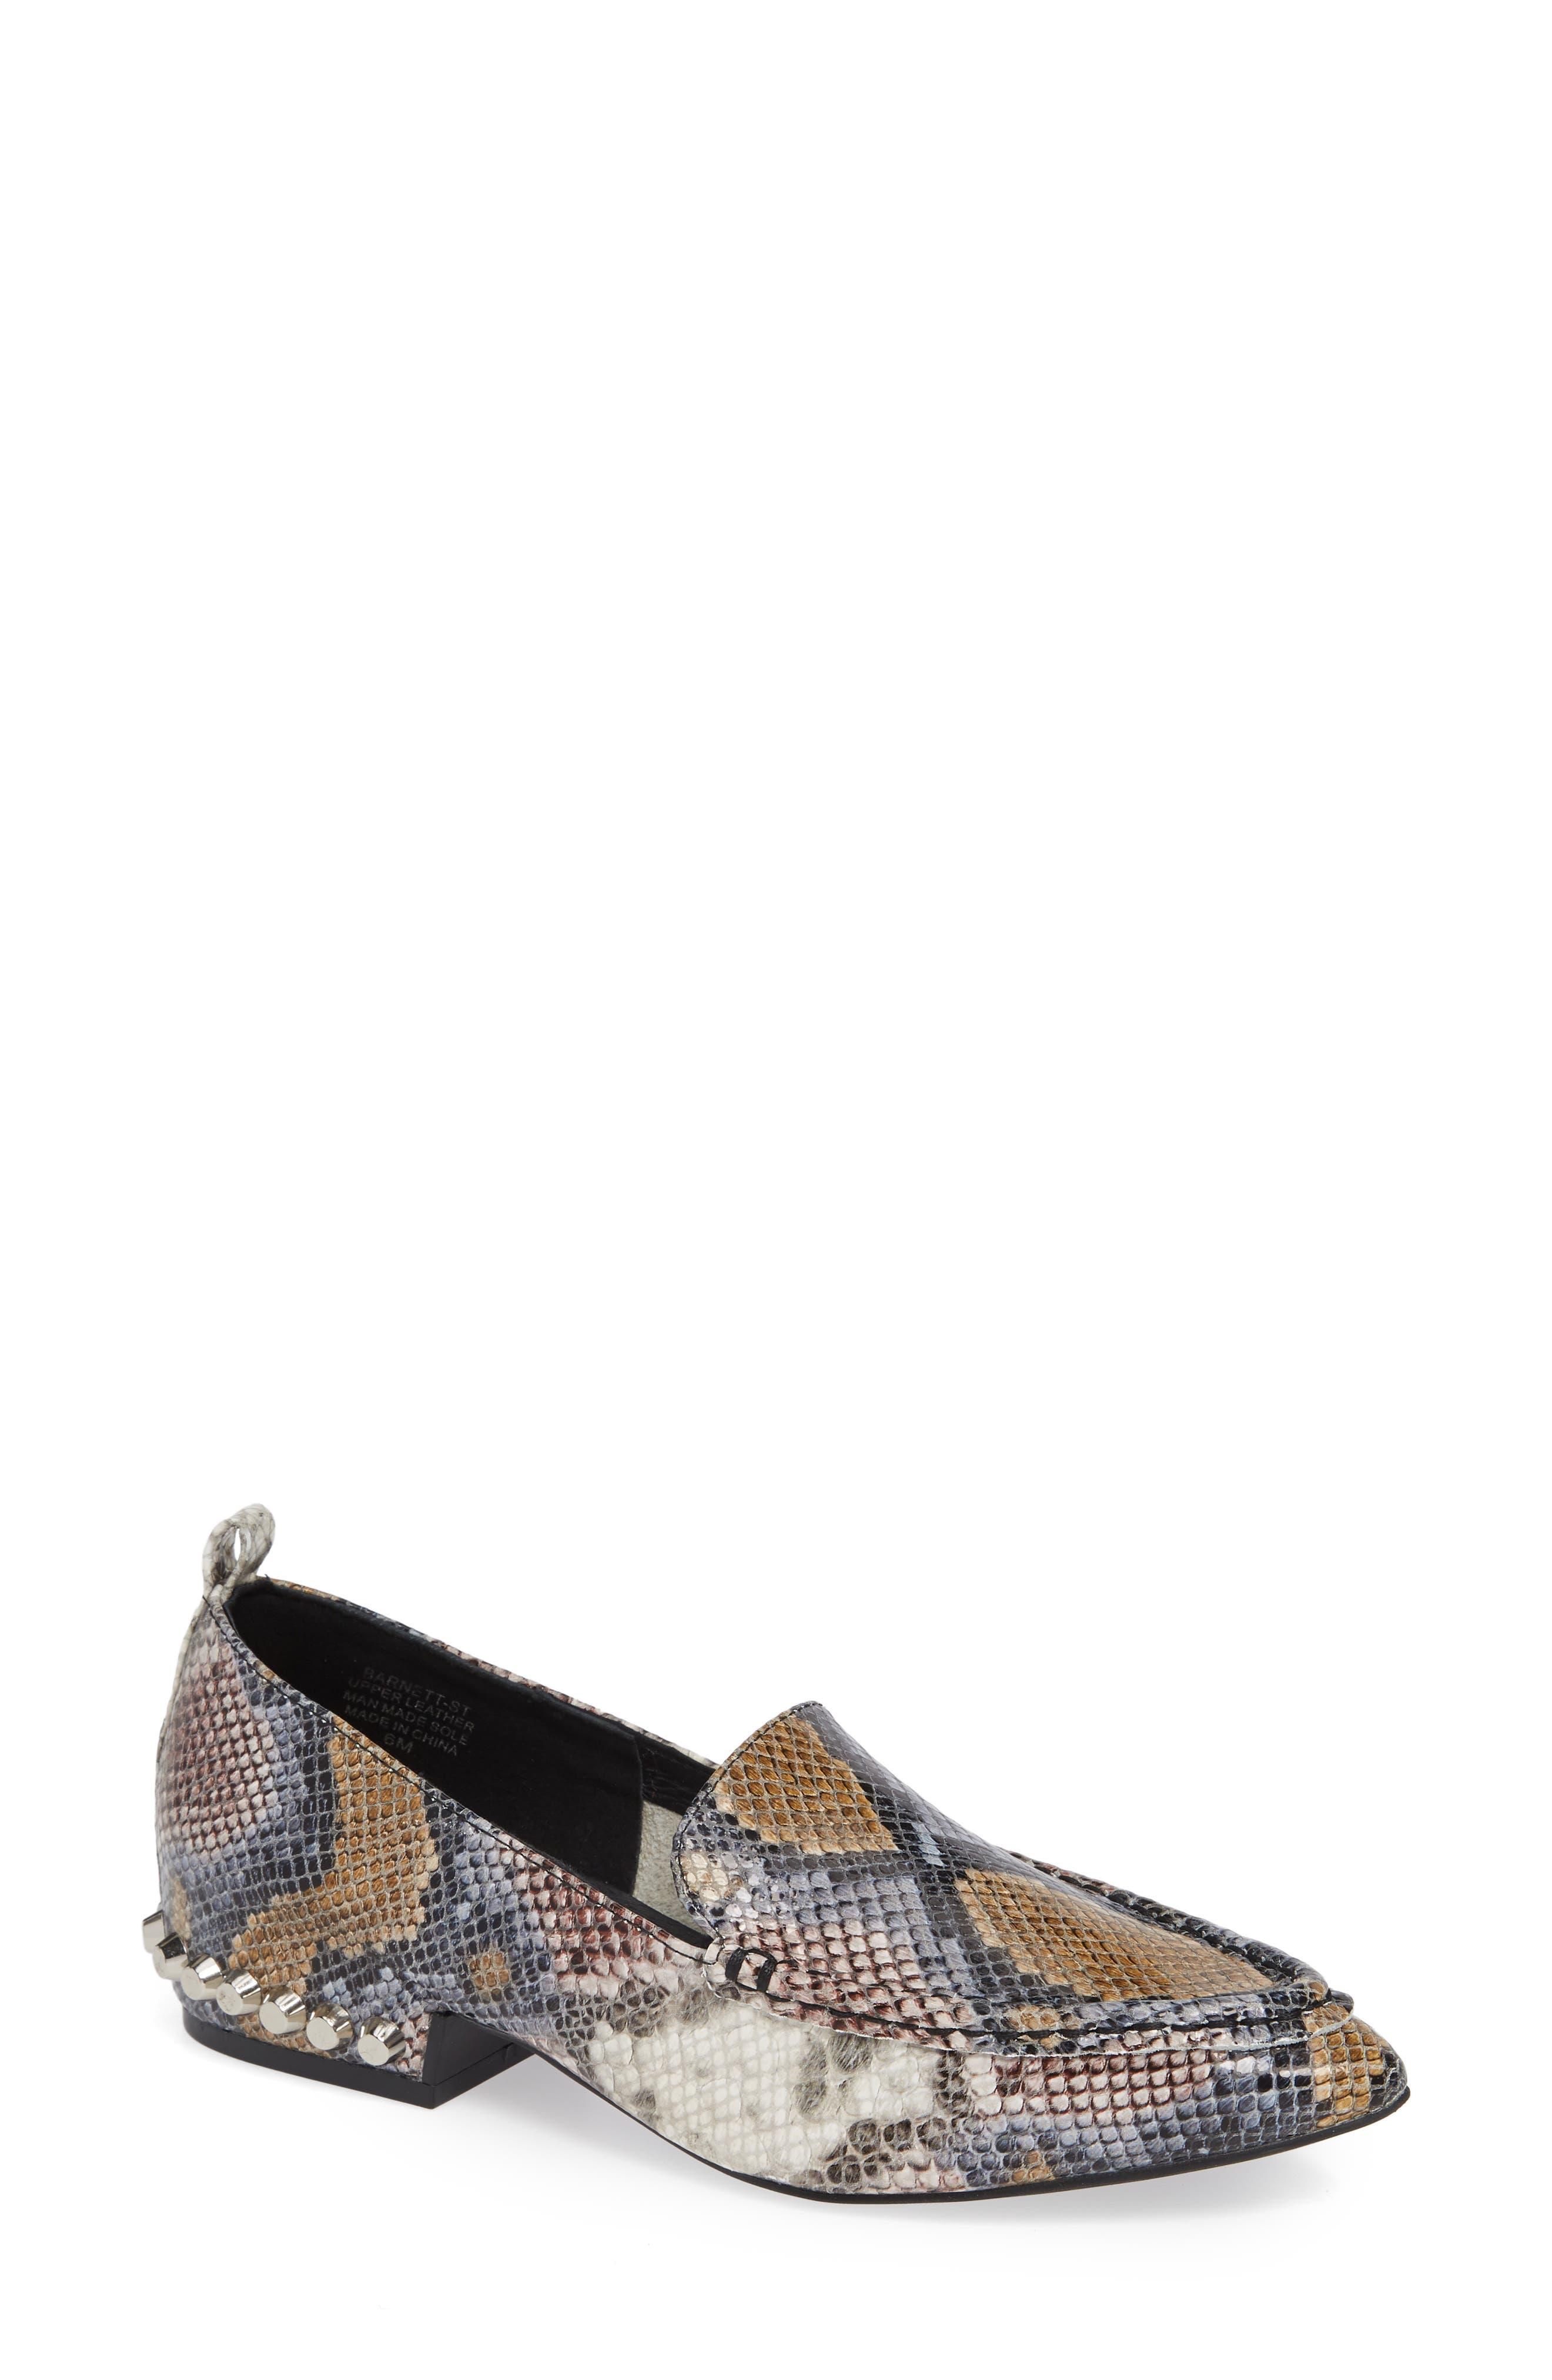 Barnett Studded Loafer,                         Main,                         color, Multi Snake Silver